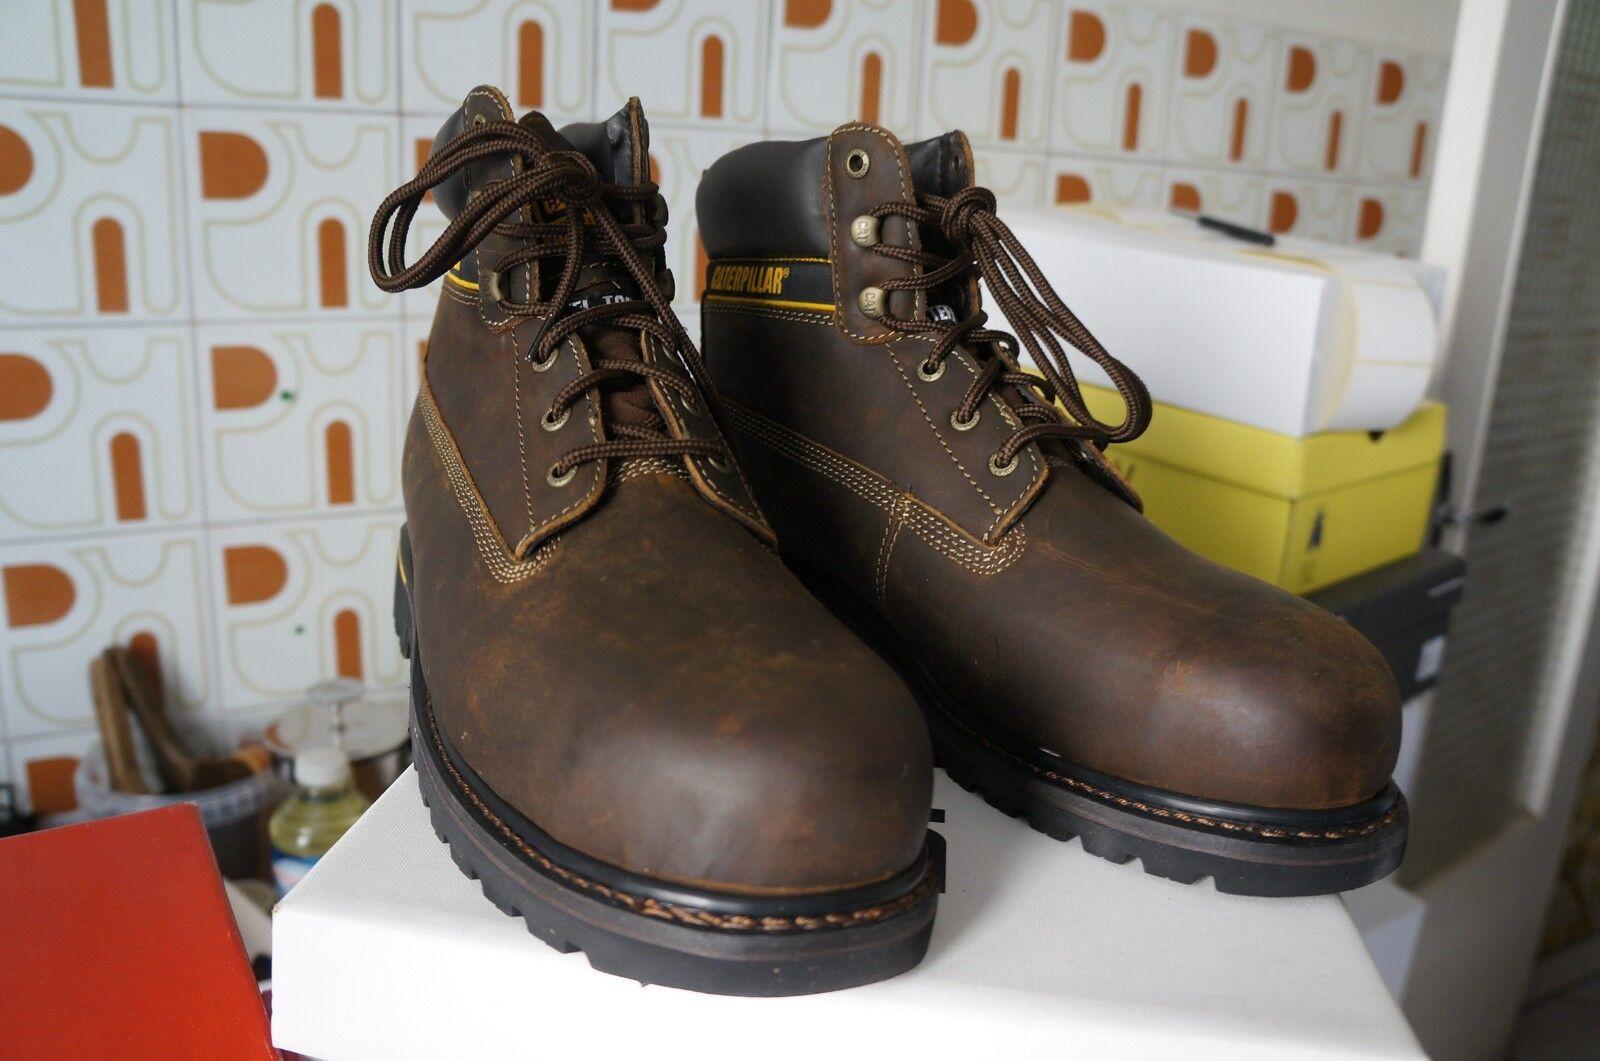 Cat Footwear Holton Sb, S1, Herren Arbeits- und SicherheitsZapatos S1, Sb, Braun , 46ùùùù dde96b